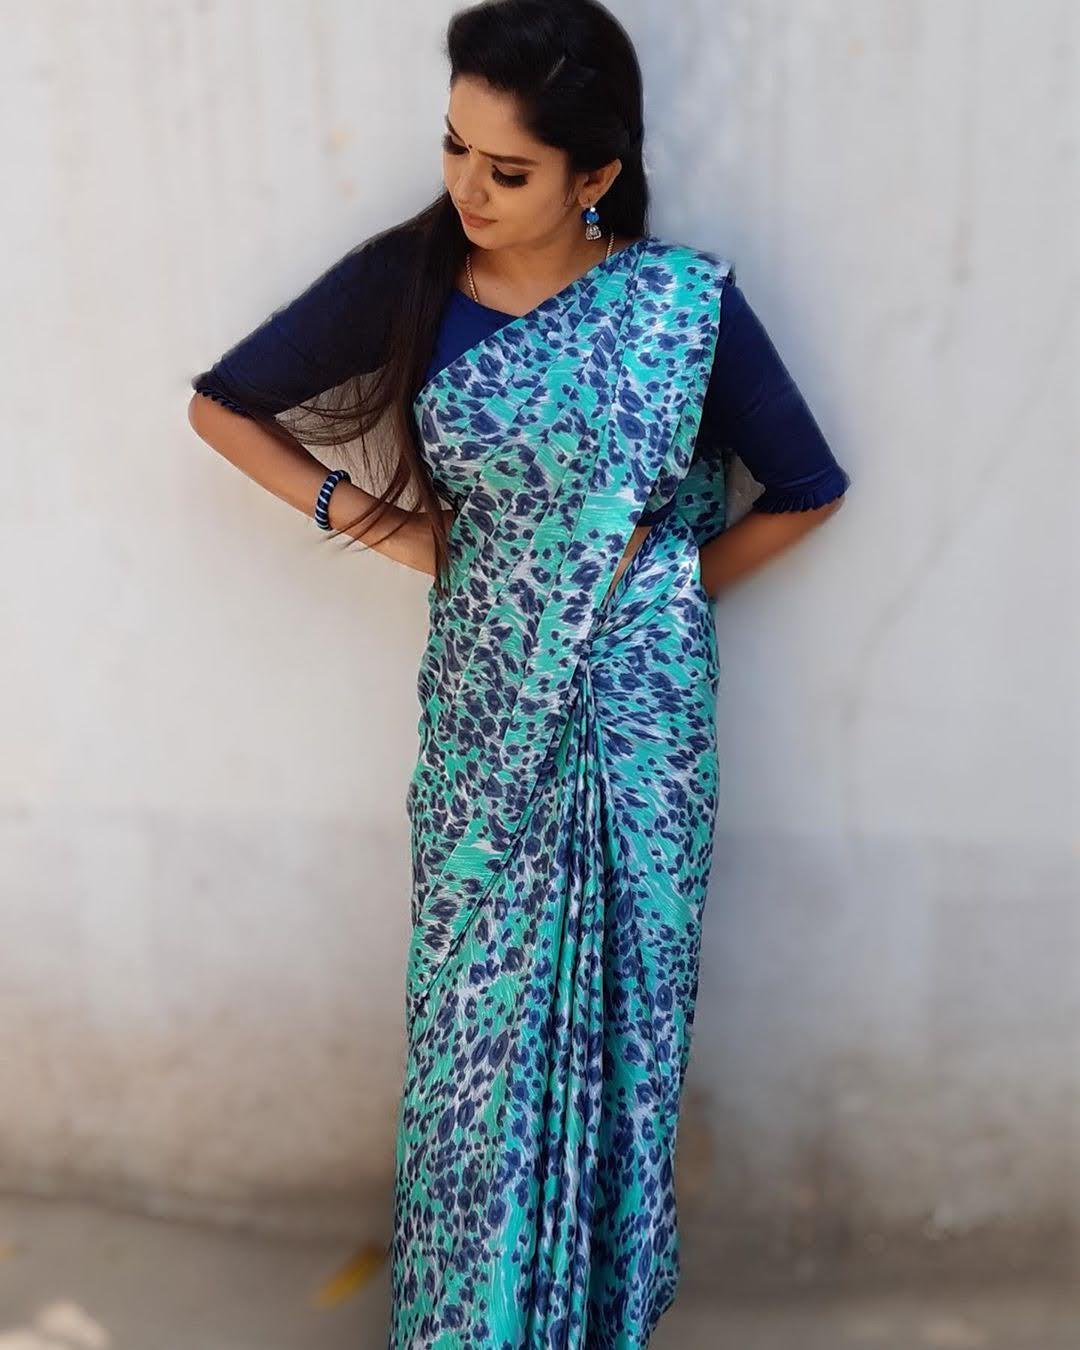 sai-gayatri-bhuvanesh-8732